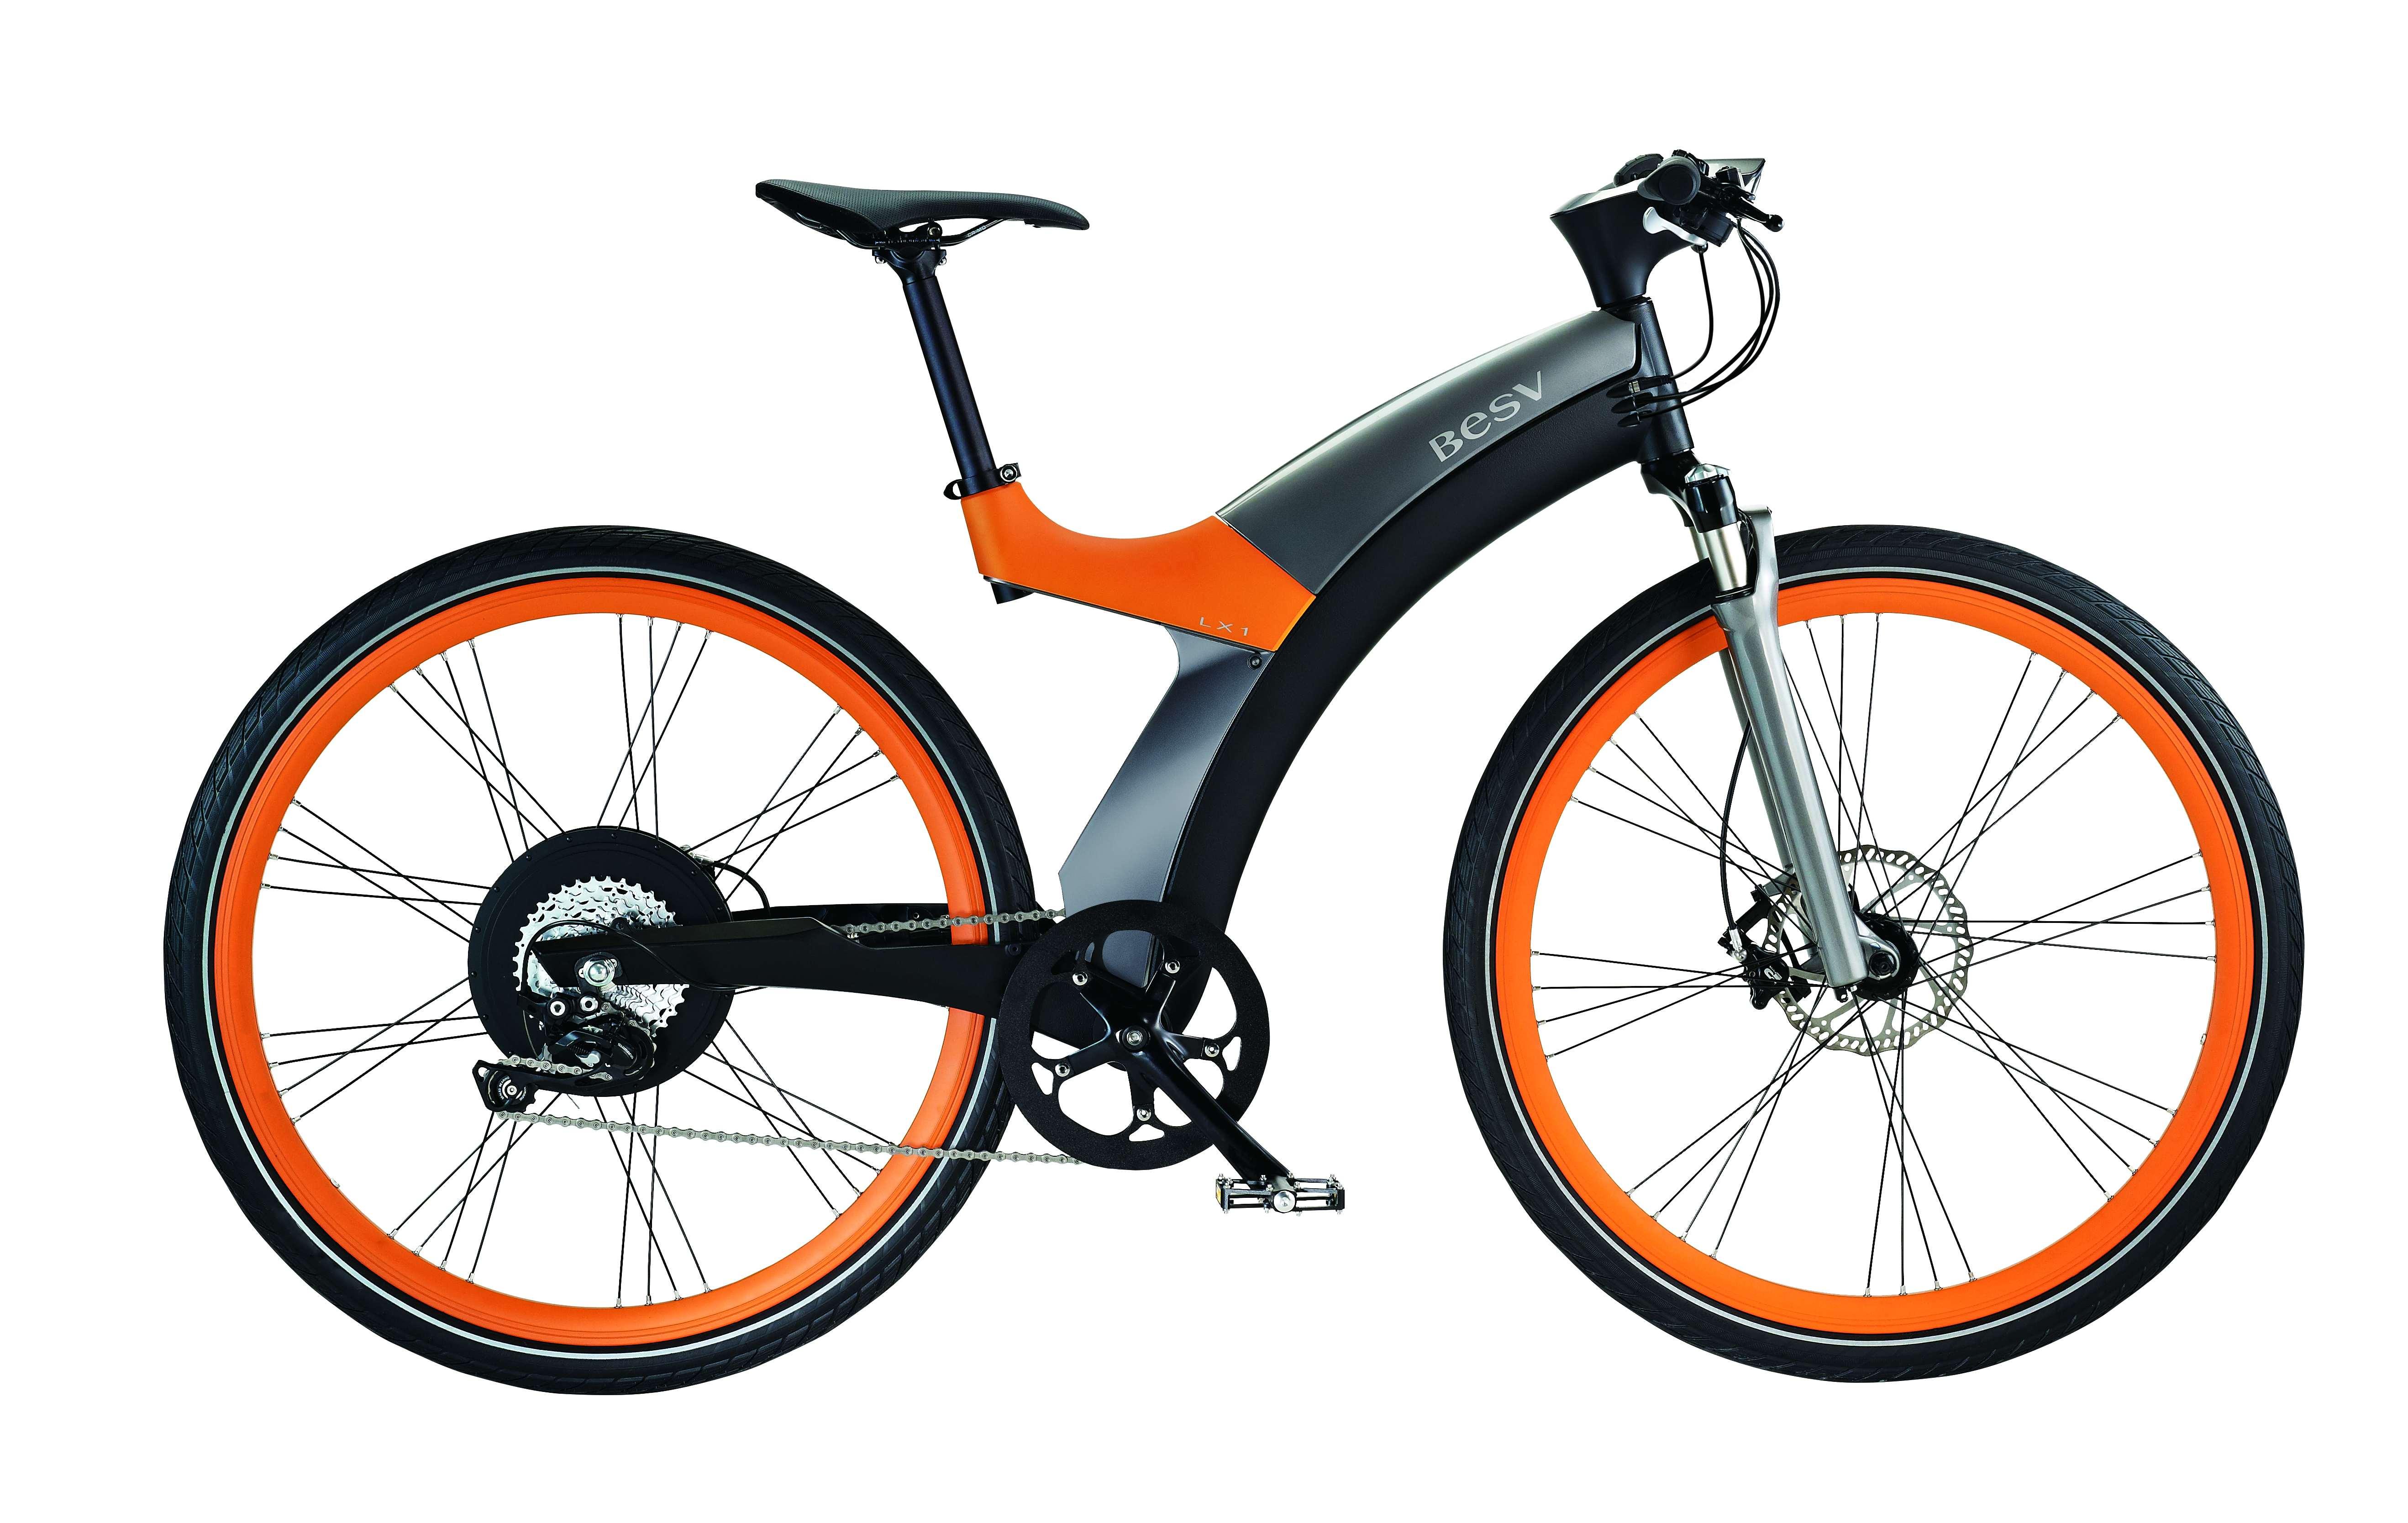 BESV LX1 Orange